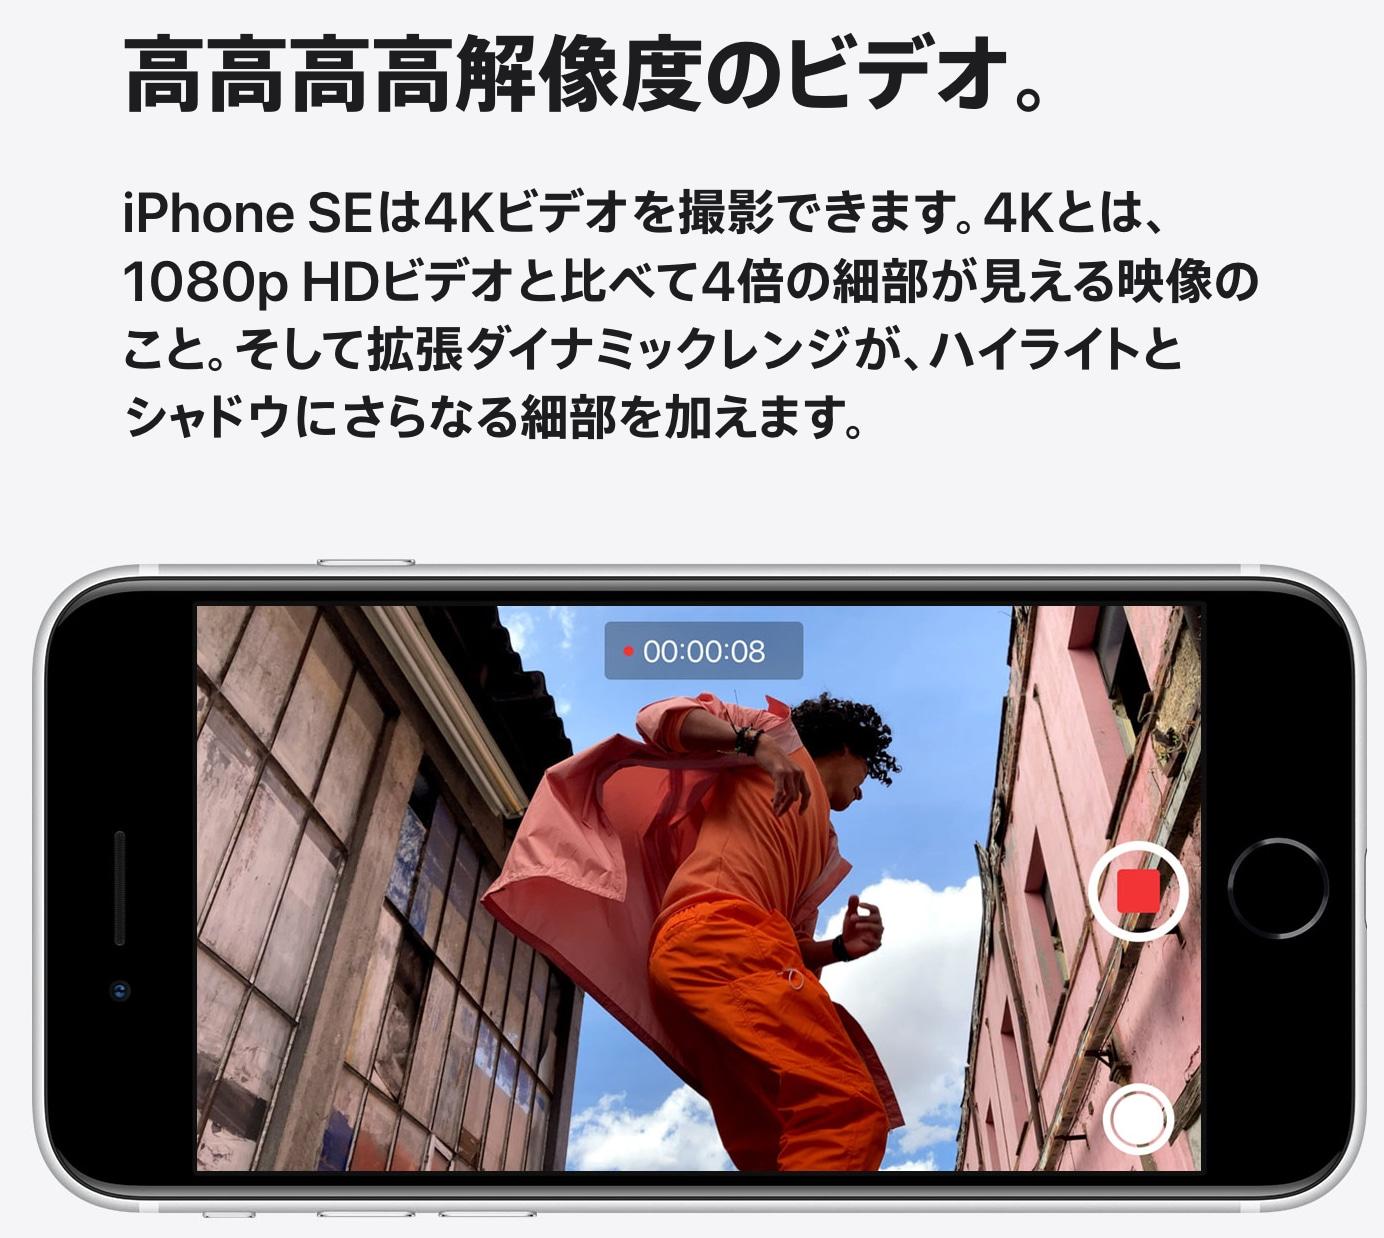 New iPhoneSE2020 07